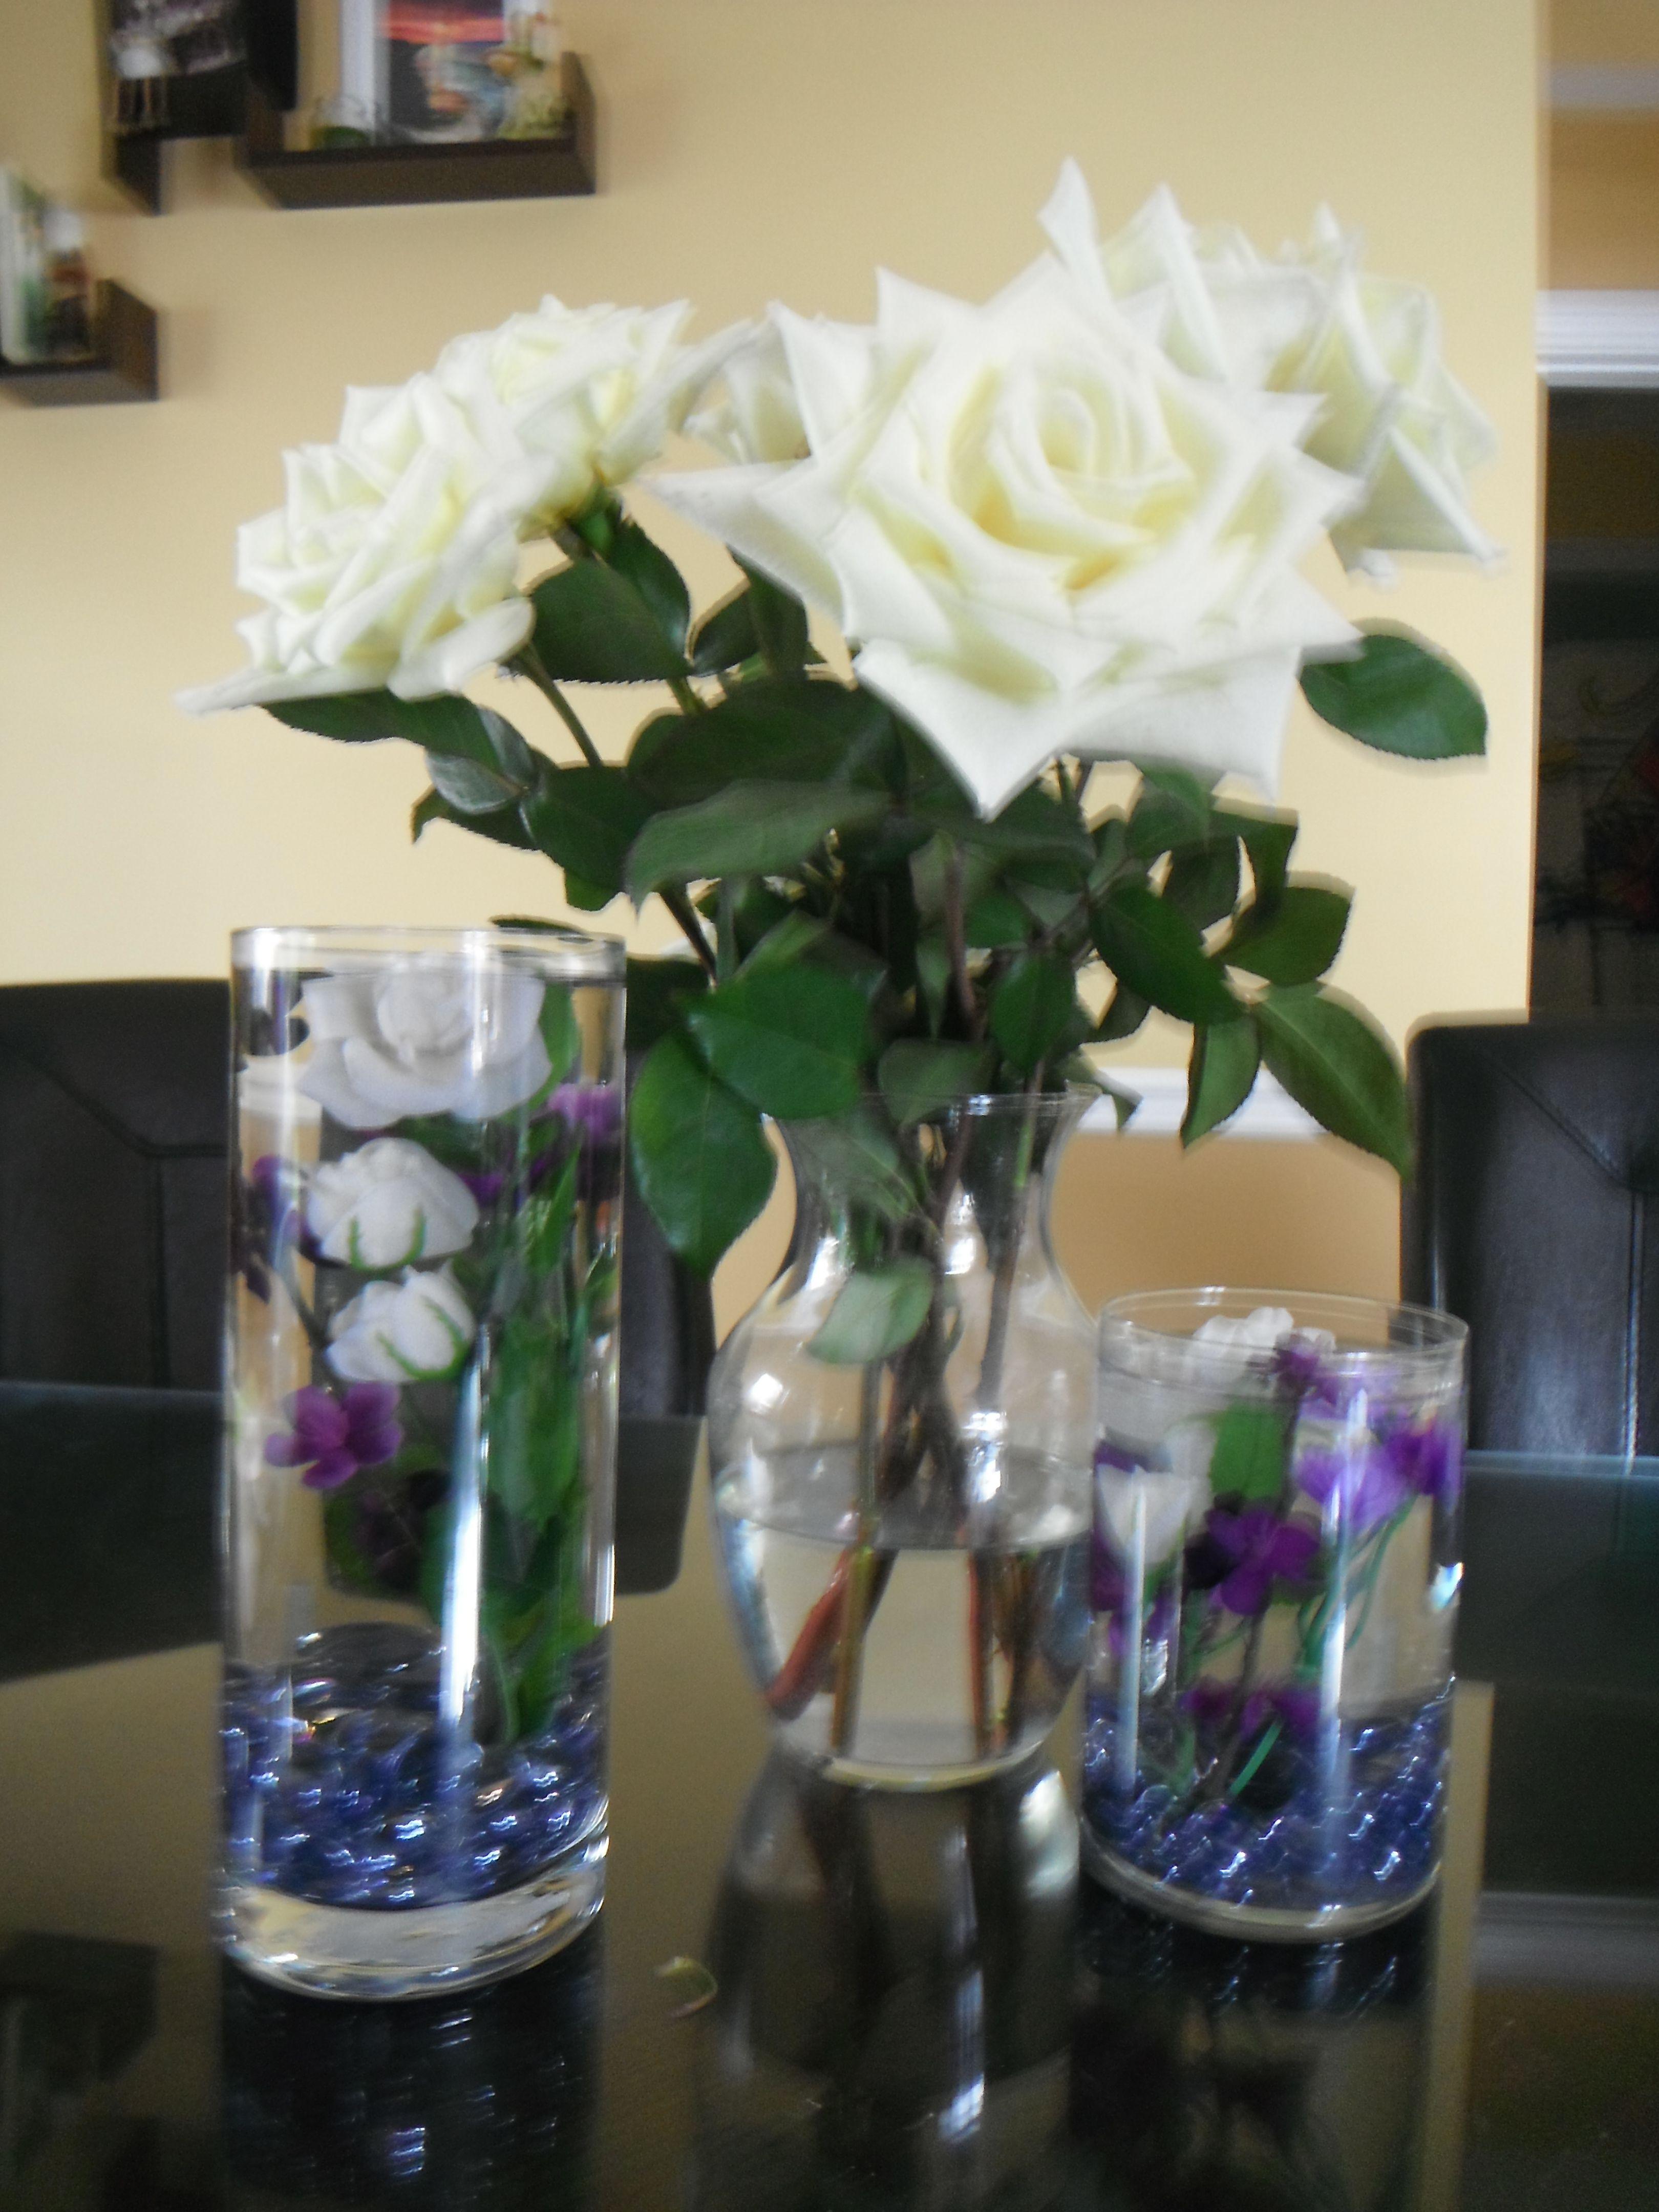 """De vraies roses blanches entourées de mes créations roses blanches et fleurs violettes """"ancrées"""" dans des vases achetés à des prix modiques! Real roses surrounded by my creations: mini white roses and purple flowers """"anchored"""" in water makes for a chic inexpensive centerpiece!"""